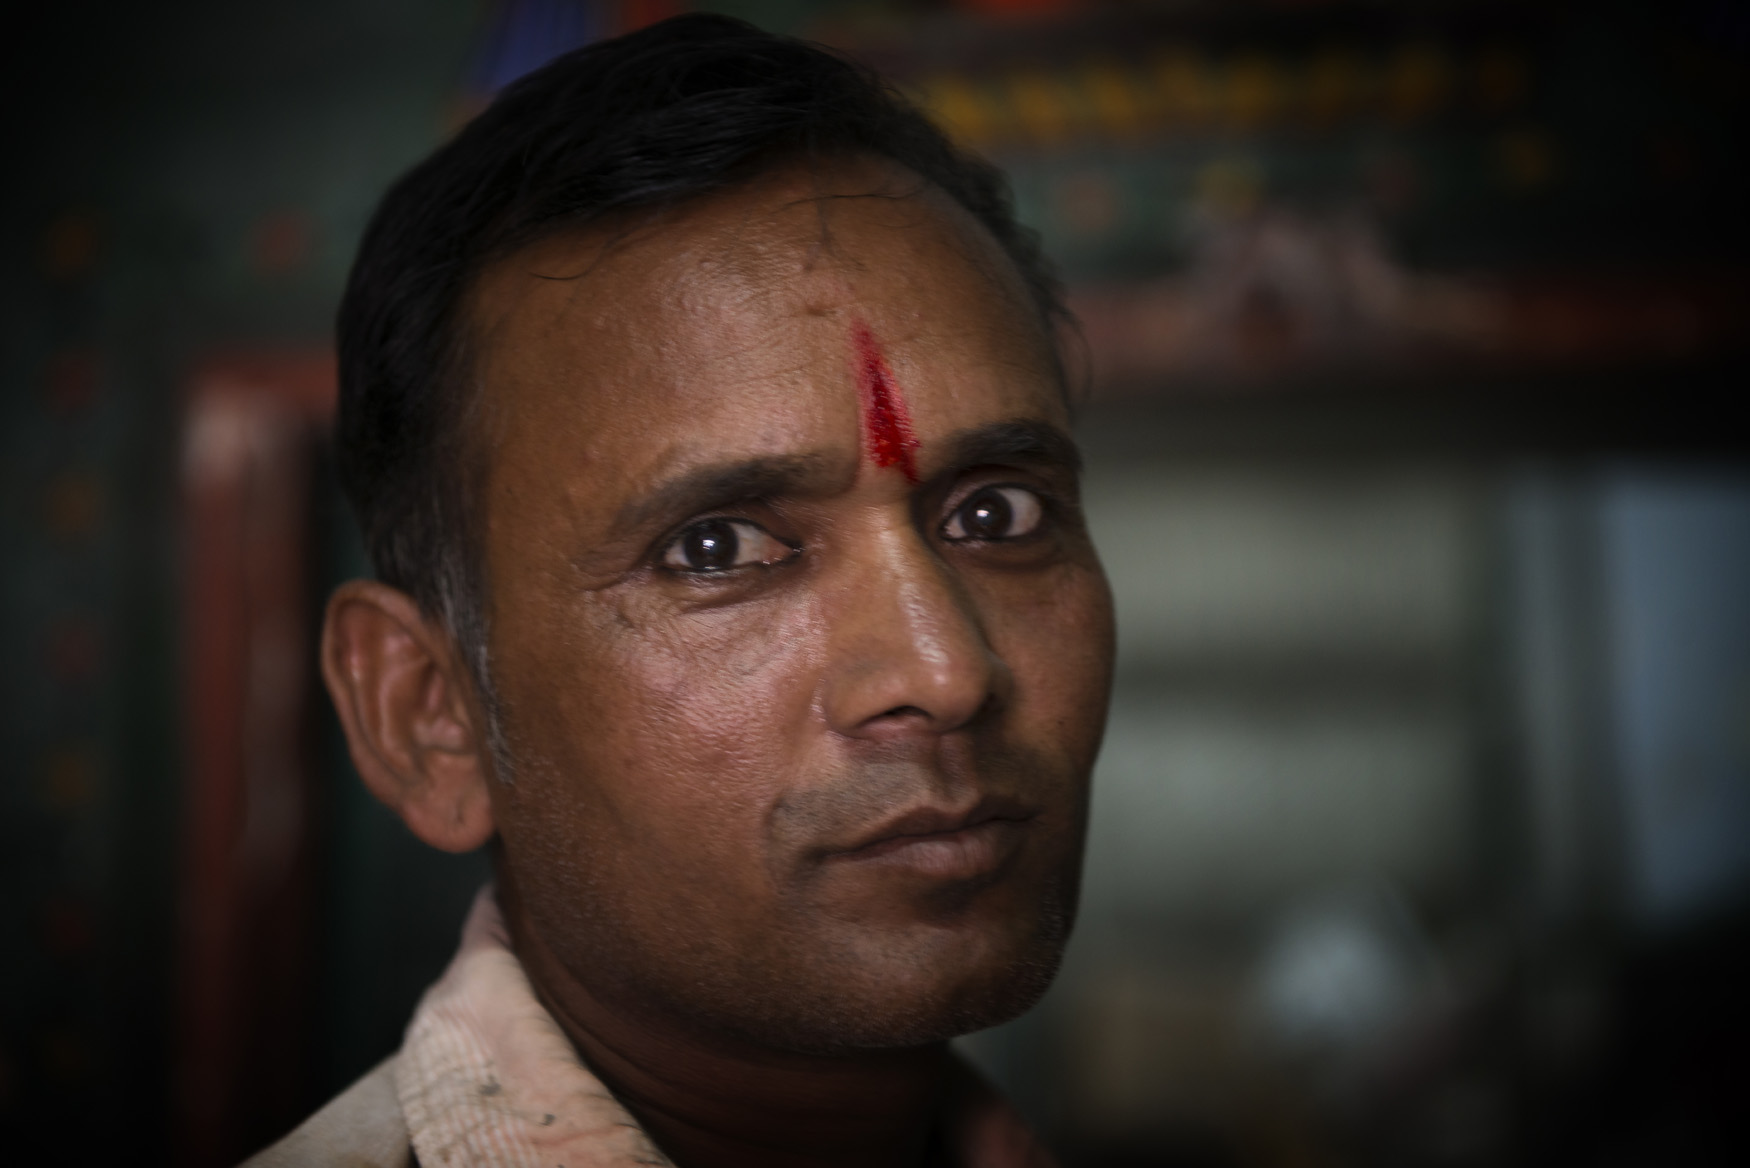 Uomo con kajal